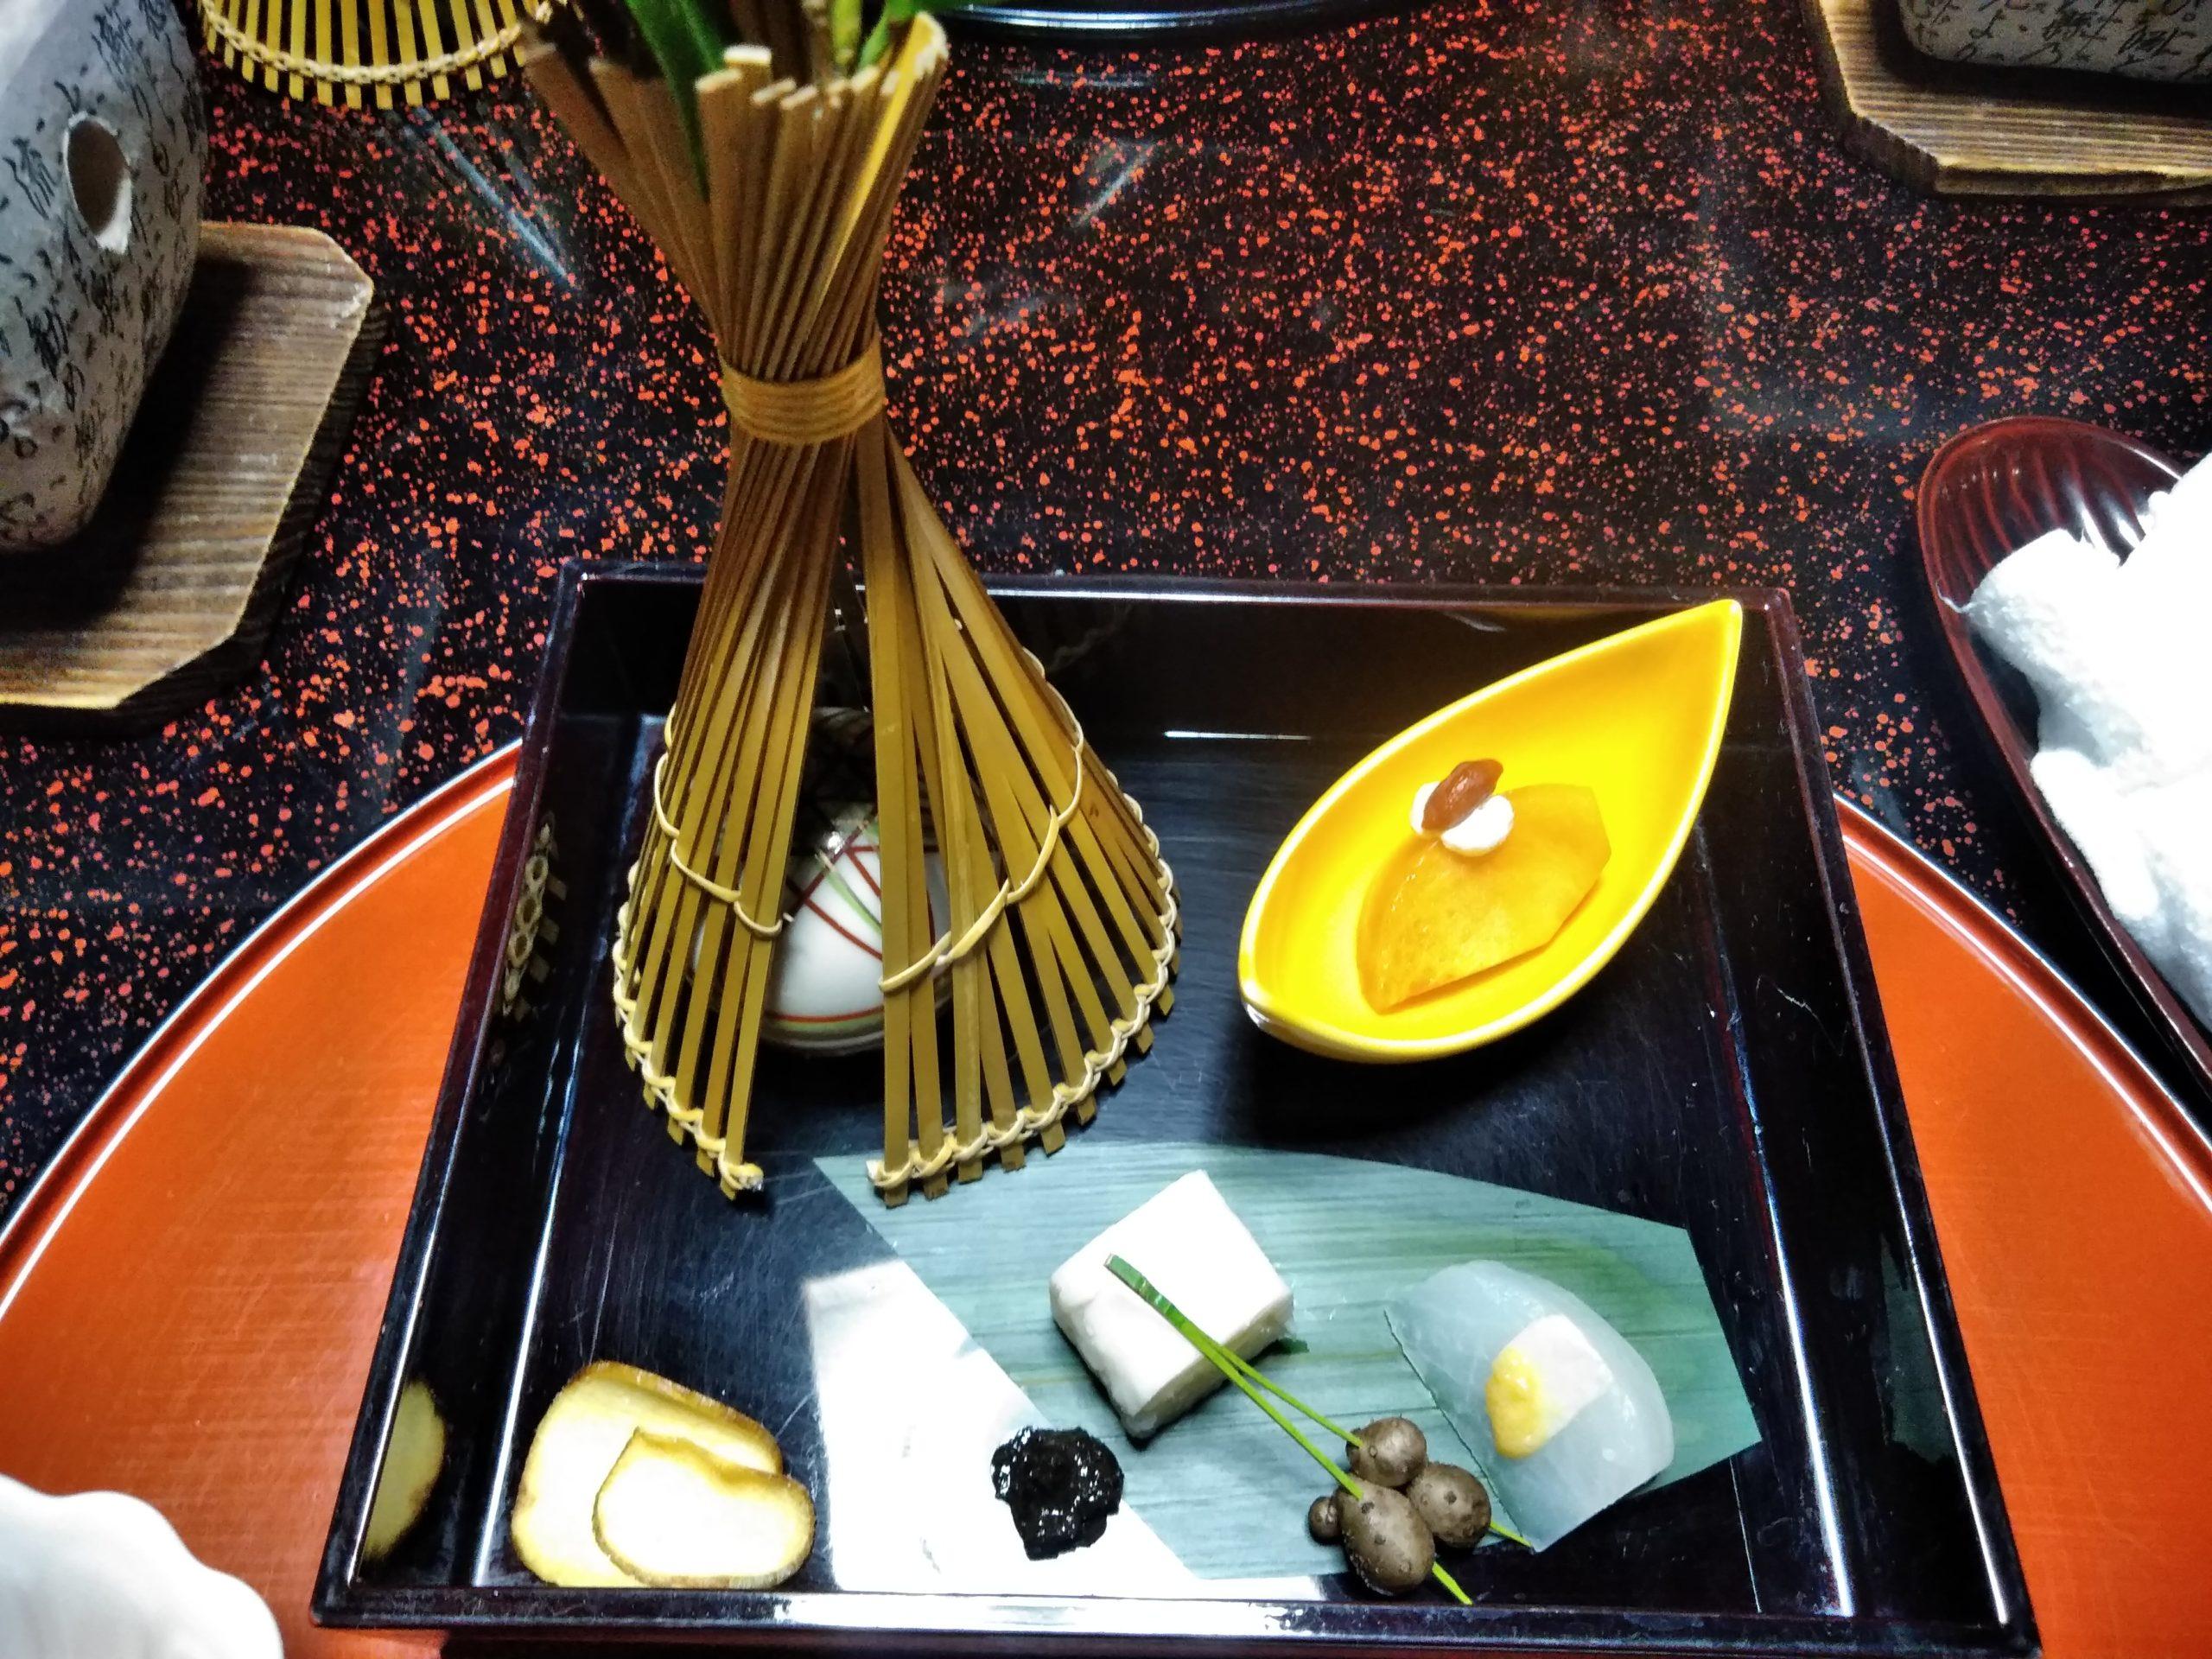 【湯河原温泉】川堰苑いすゞホテルは温泉・料理も最高の宿でした!